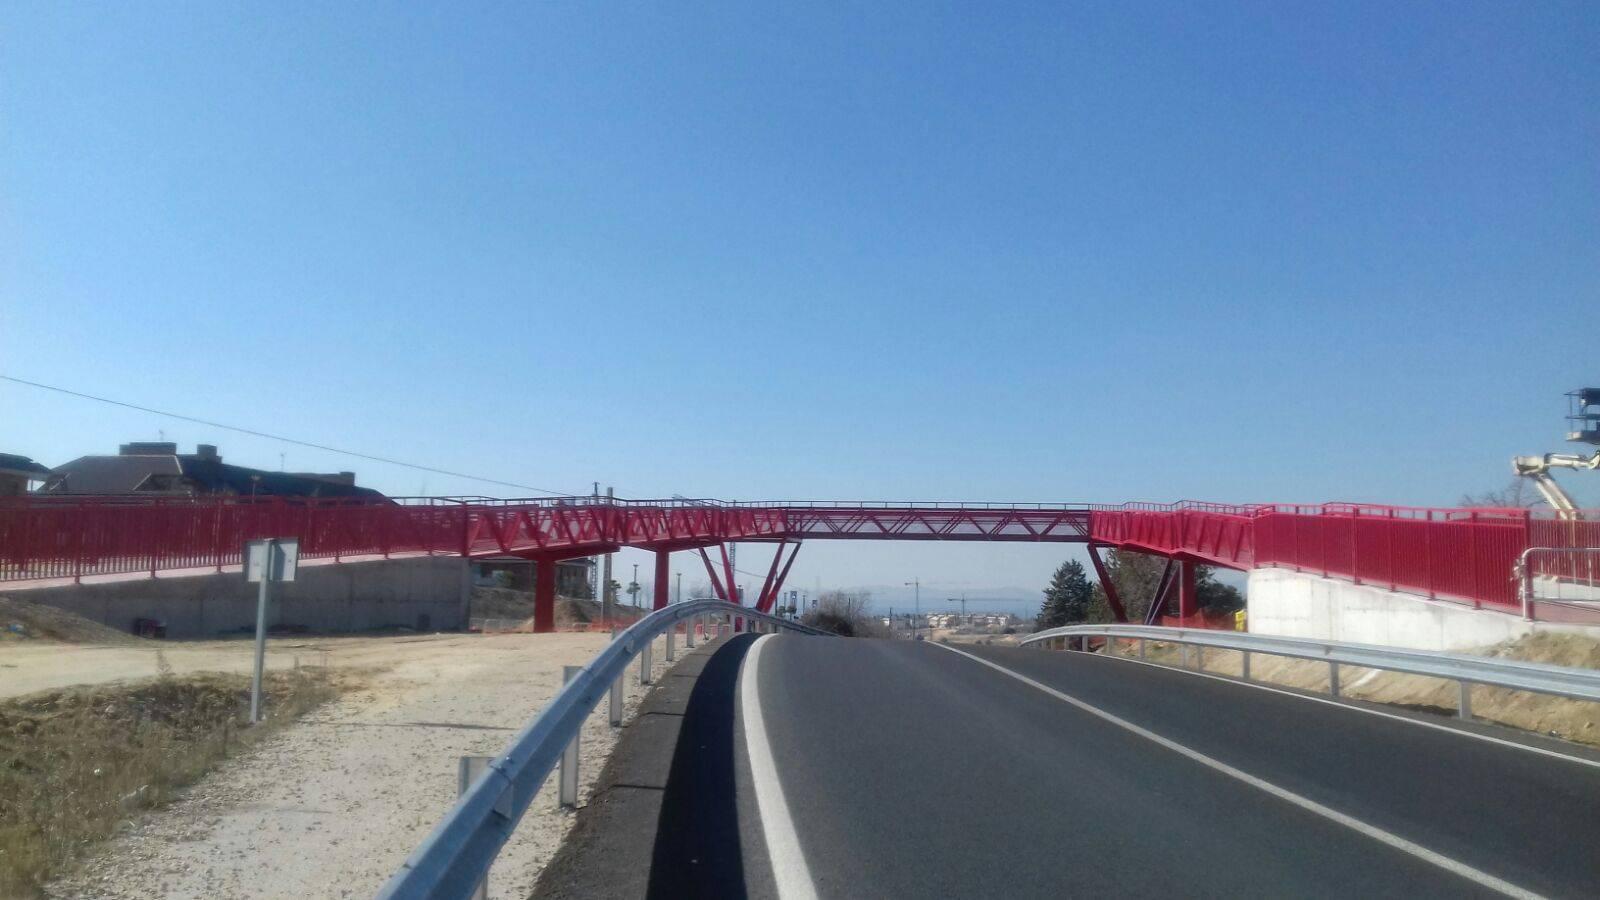 pasarela intalada por Grupo Alvarez en Boadilla del Monte - Grupo Álvarez monta una pasarela peatonal sobre la M-513 en Boadilla del Monte